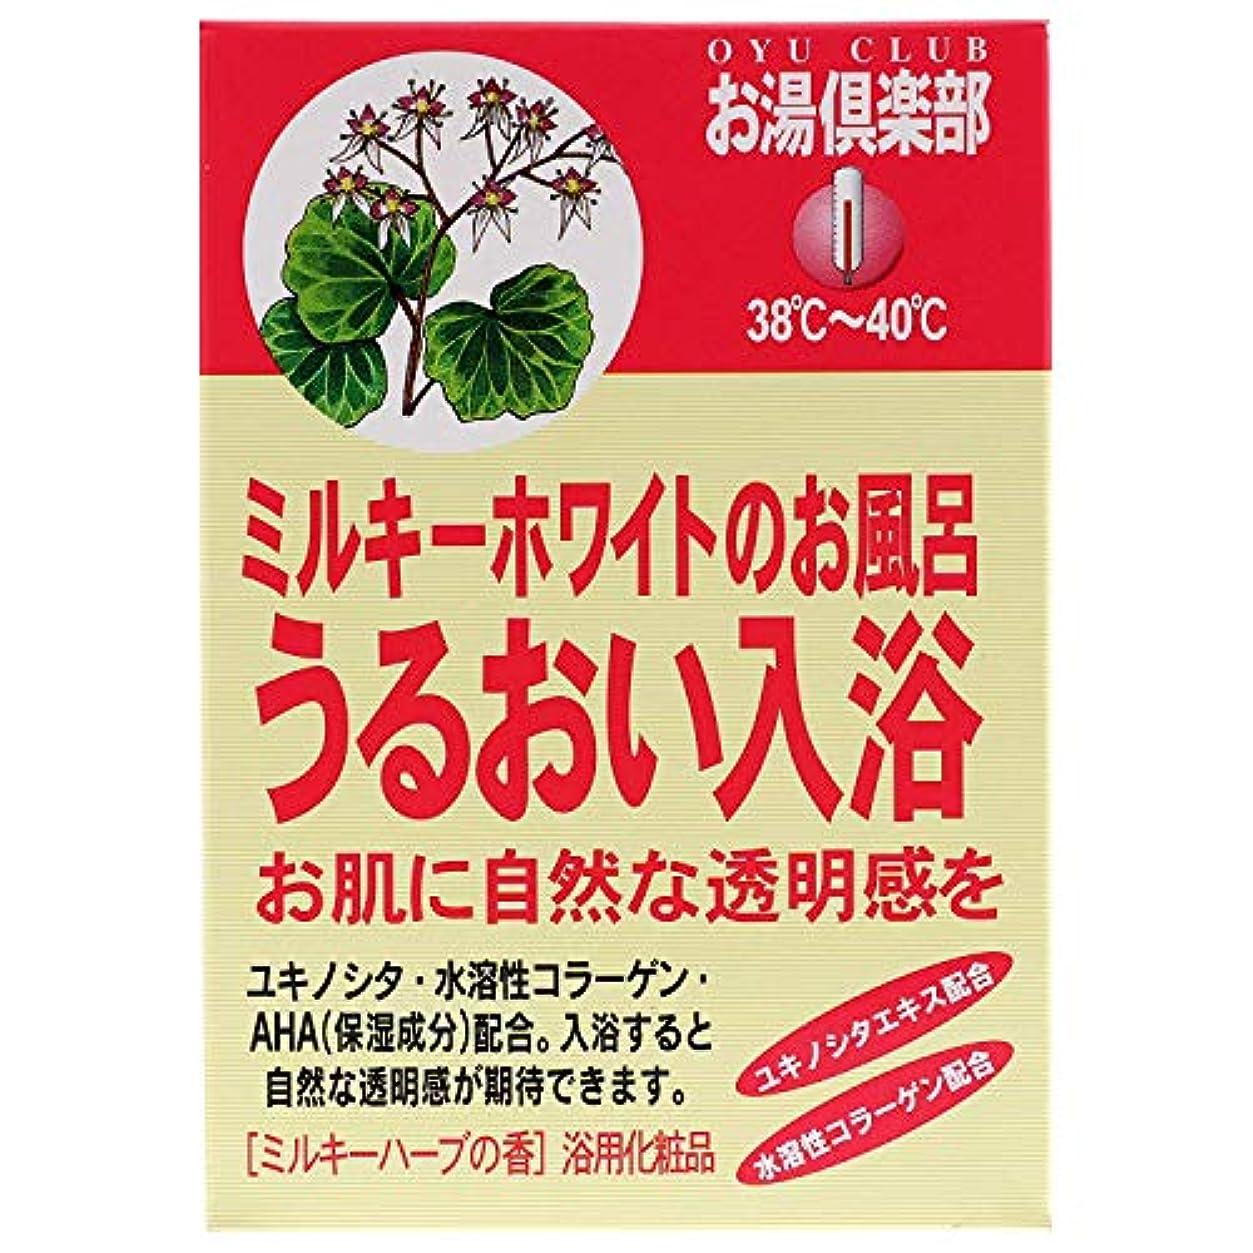 輸血許可がんばり続ける五洲薬品 入浴用化粧品 お湯倶楽部 うるおい入浴 (25g×5包) U-OC